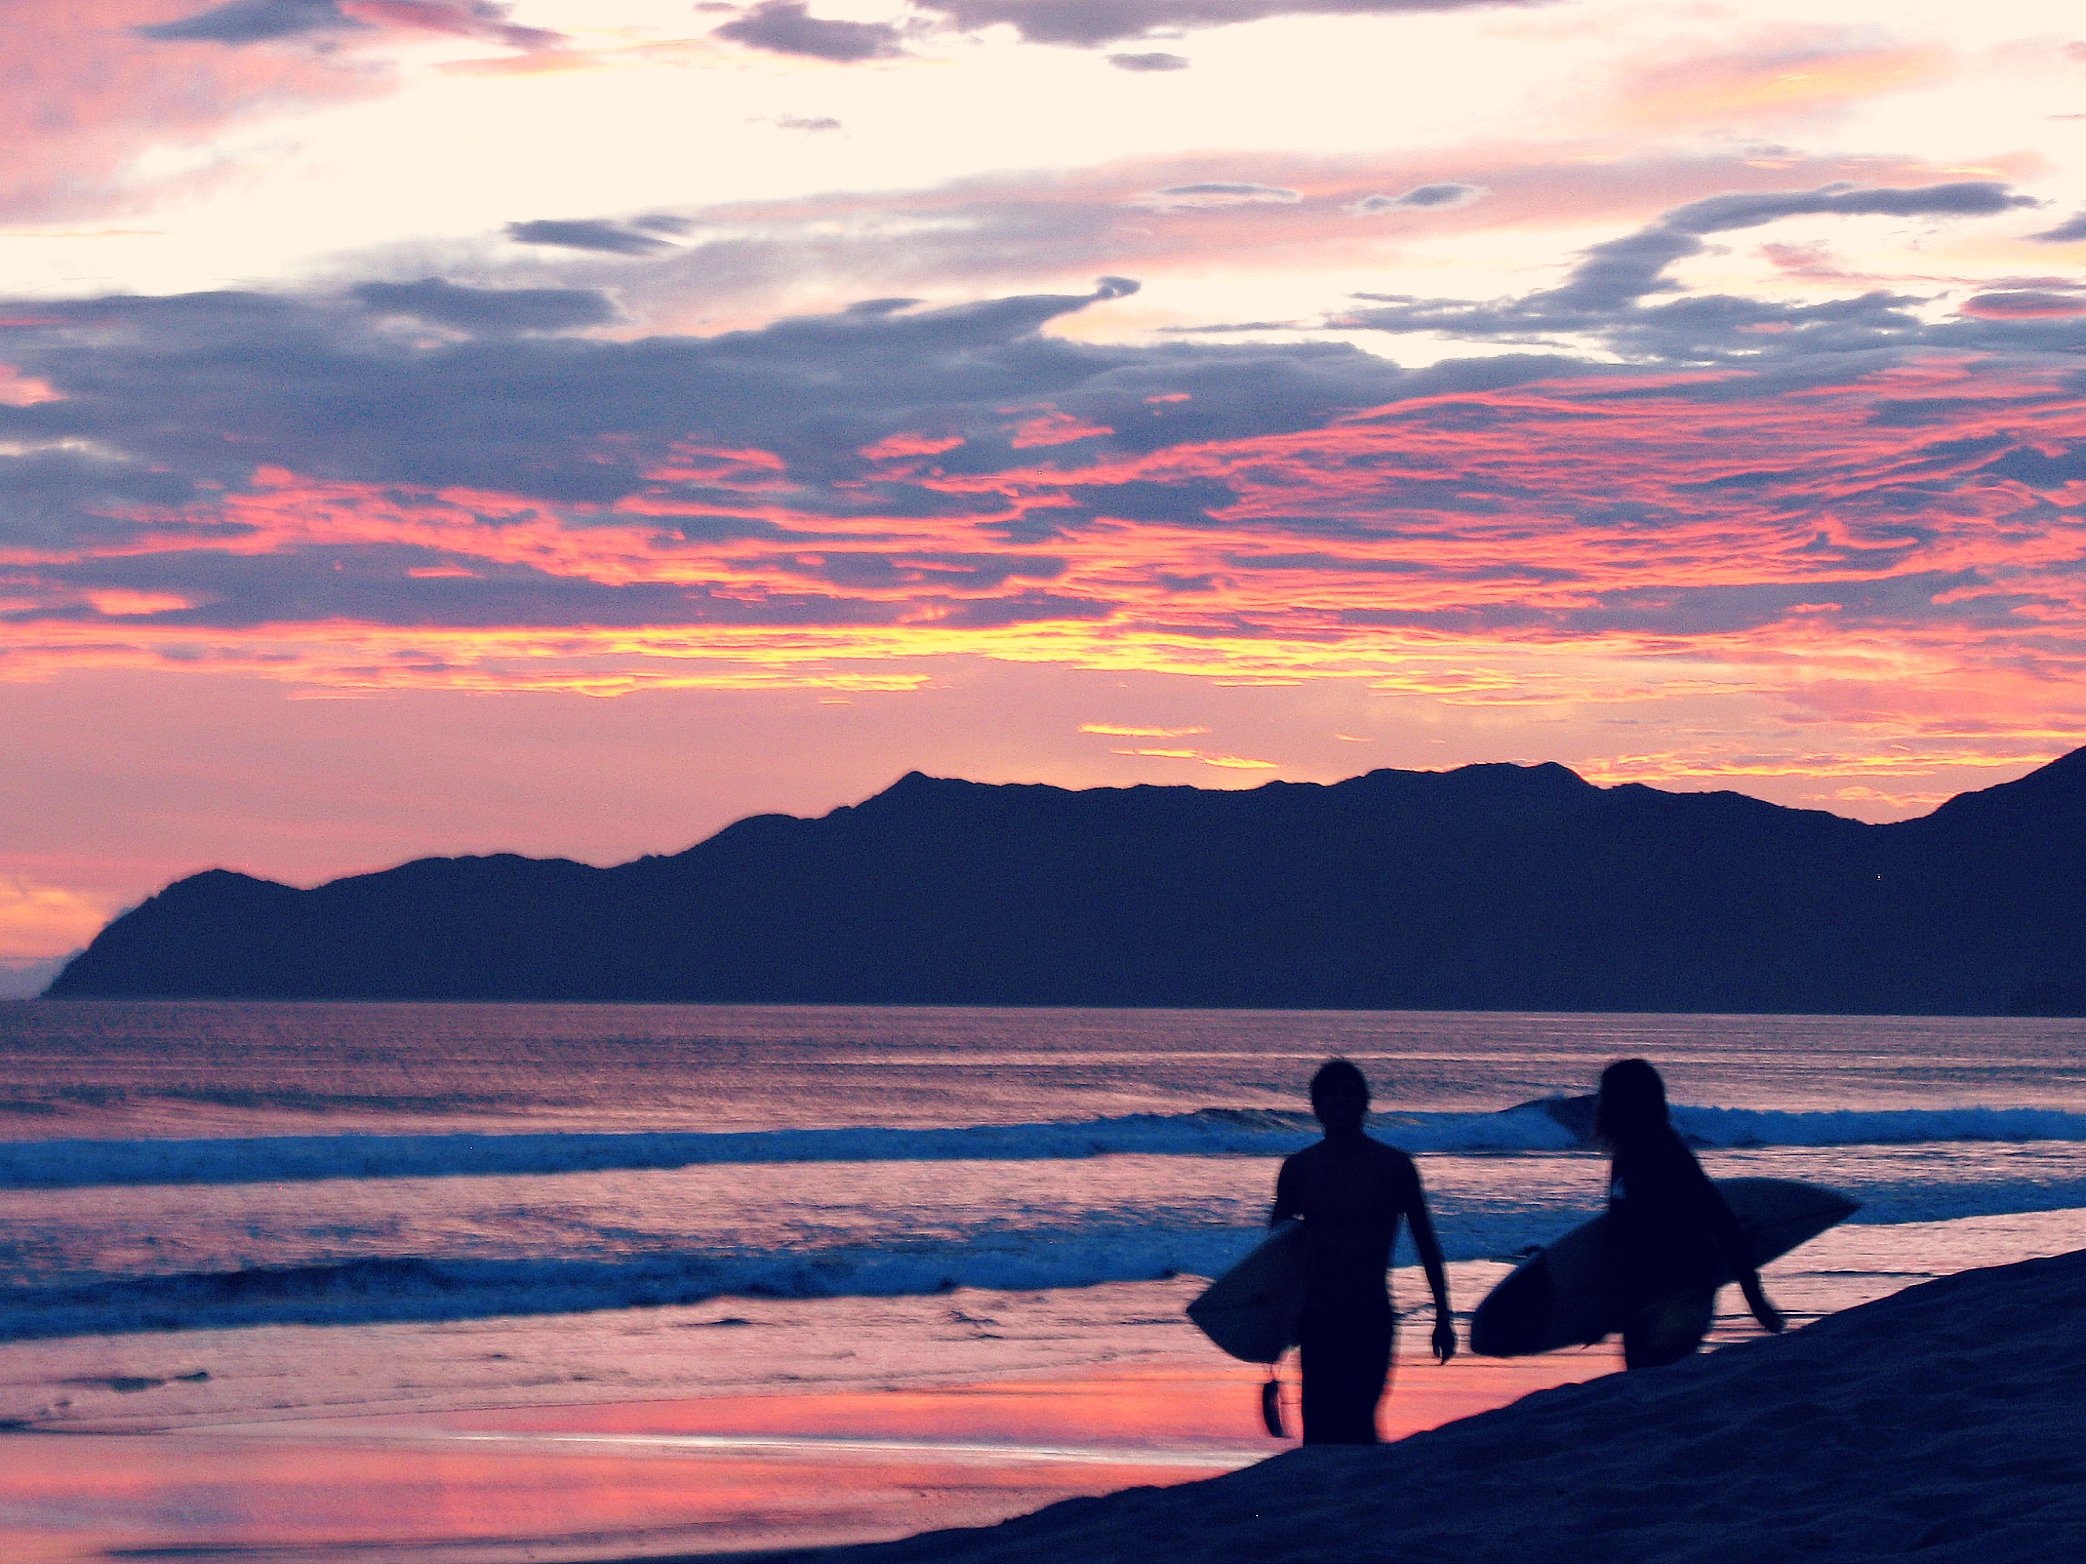 surfgraphic2.jpg